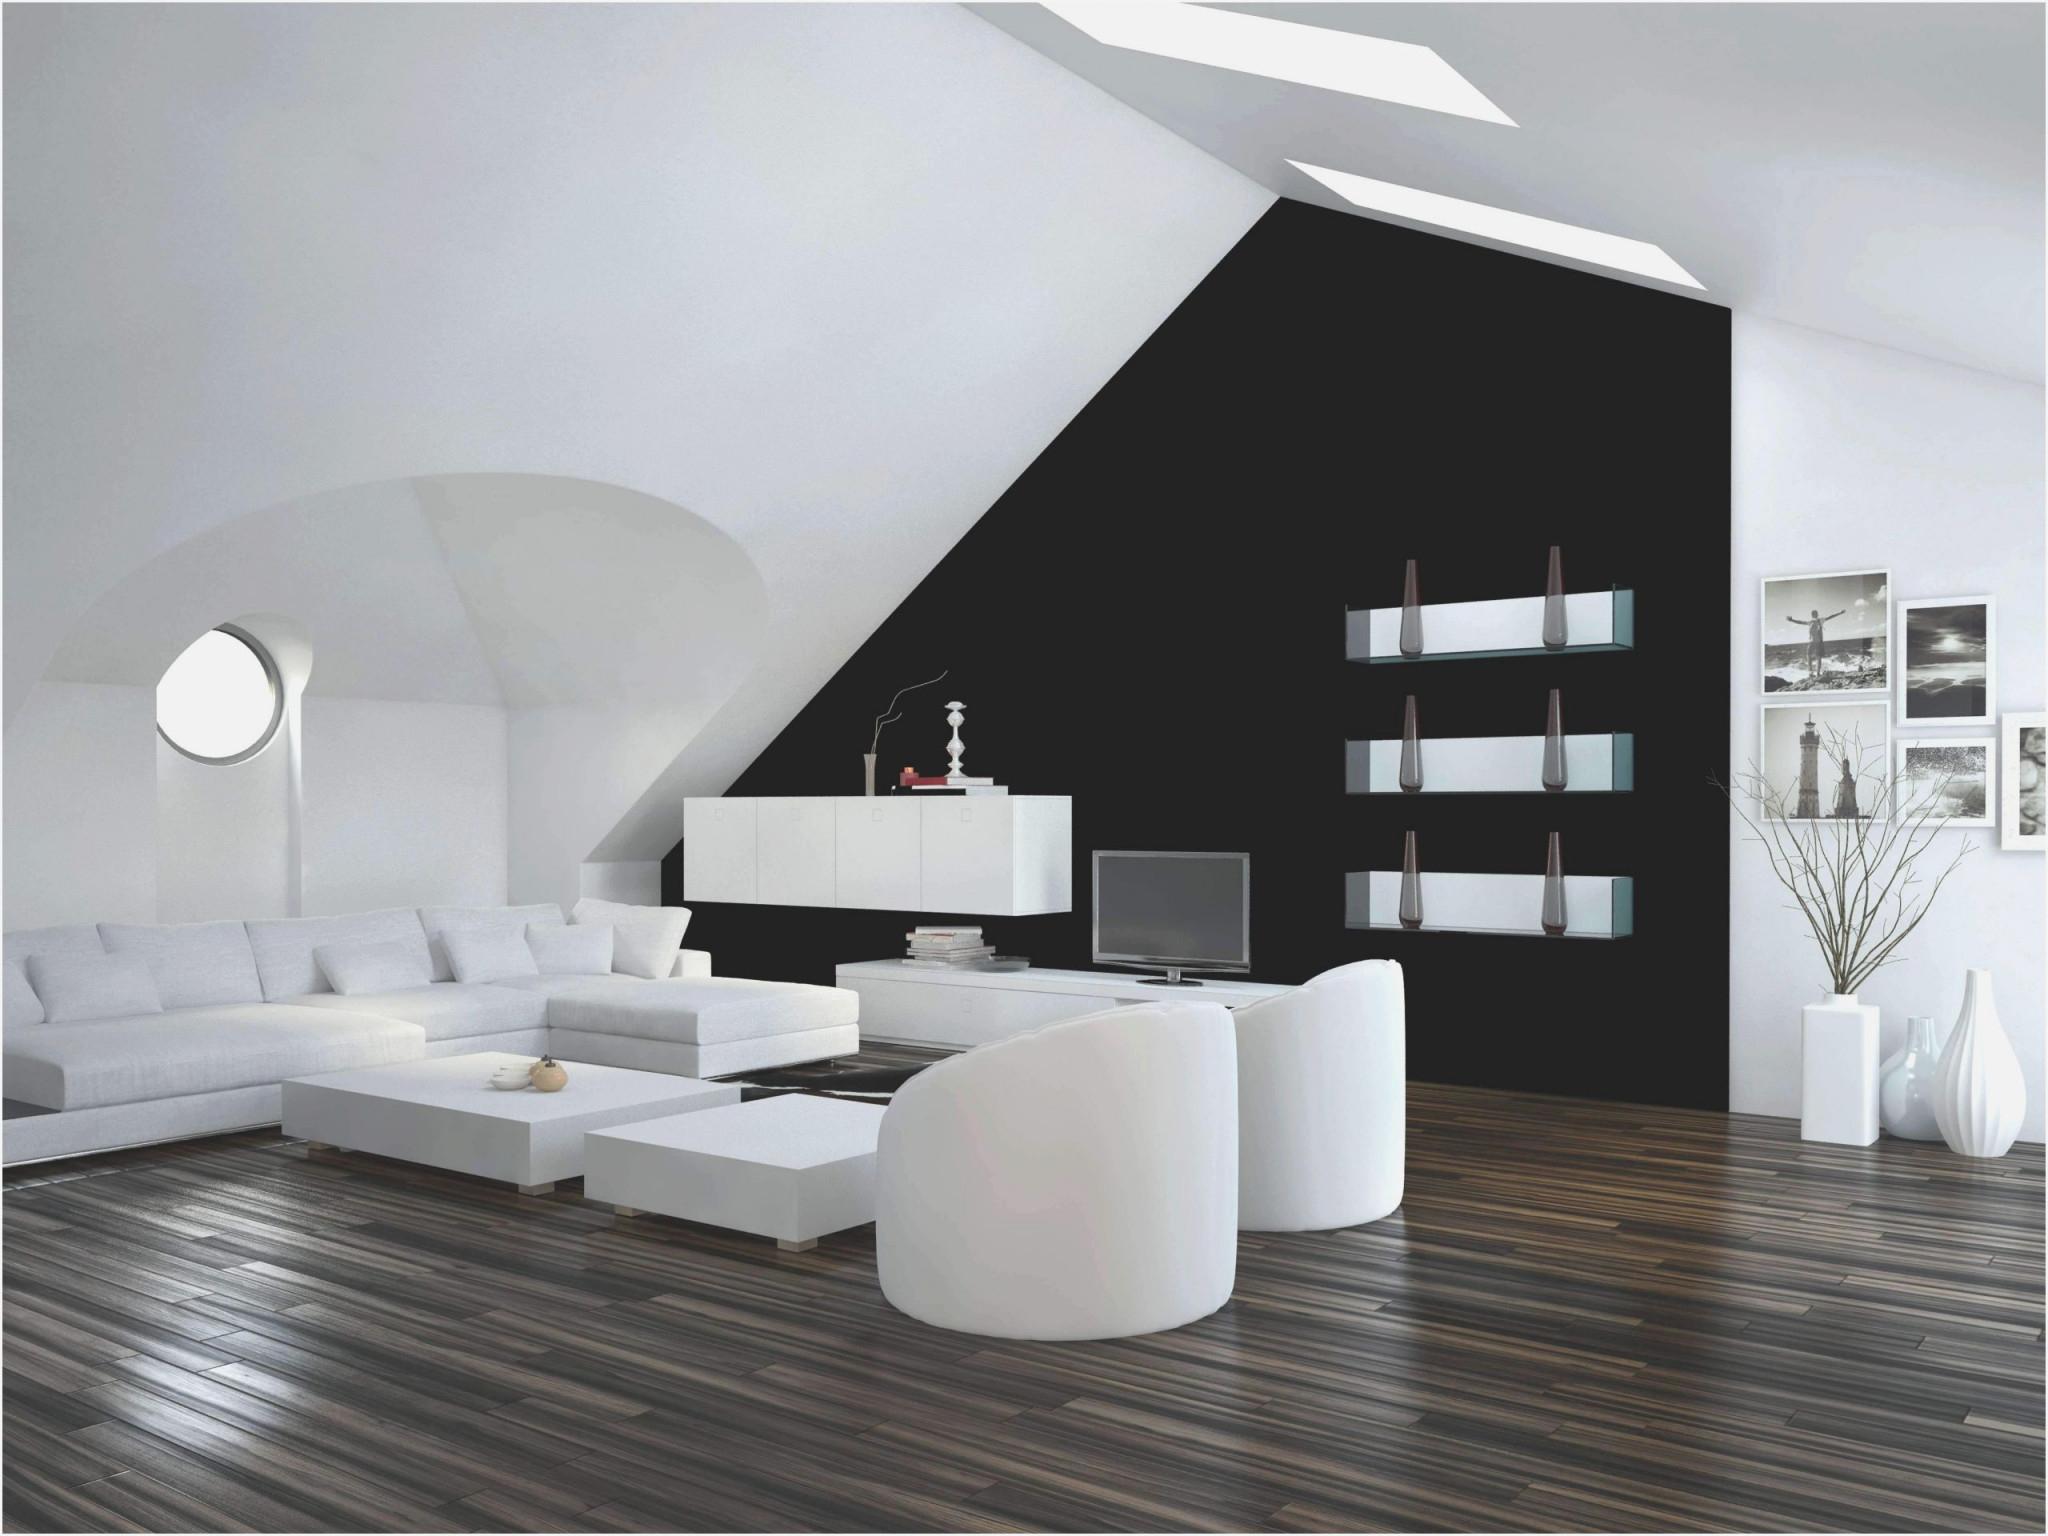 Wohnzimmer Schwarz Wei Einrichten  Wohnzimmer  Traumhaus von Wohnzimmer Schwarz Weiß Einrichten Bild